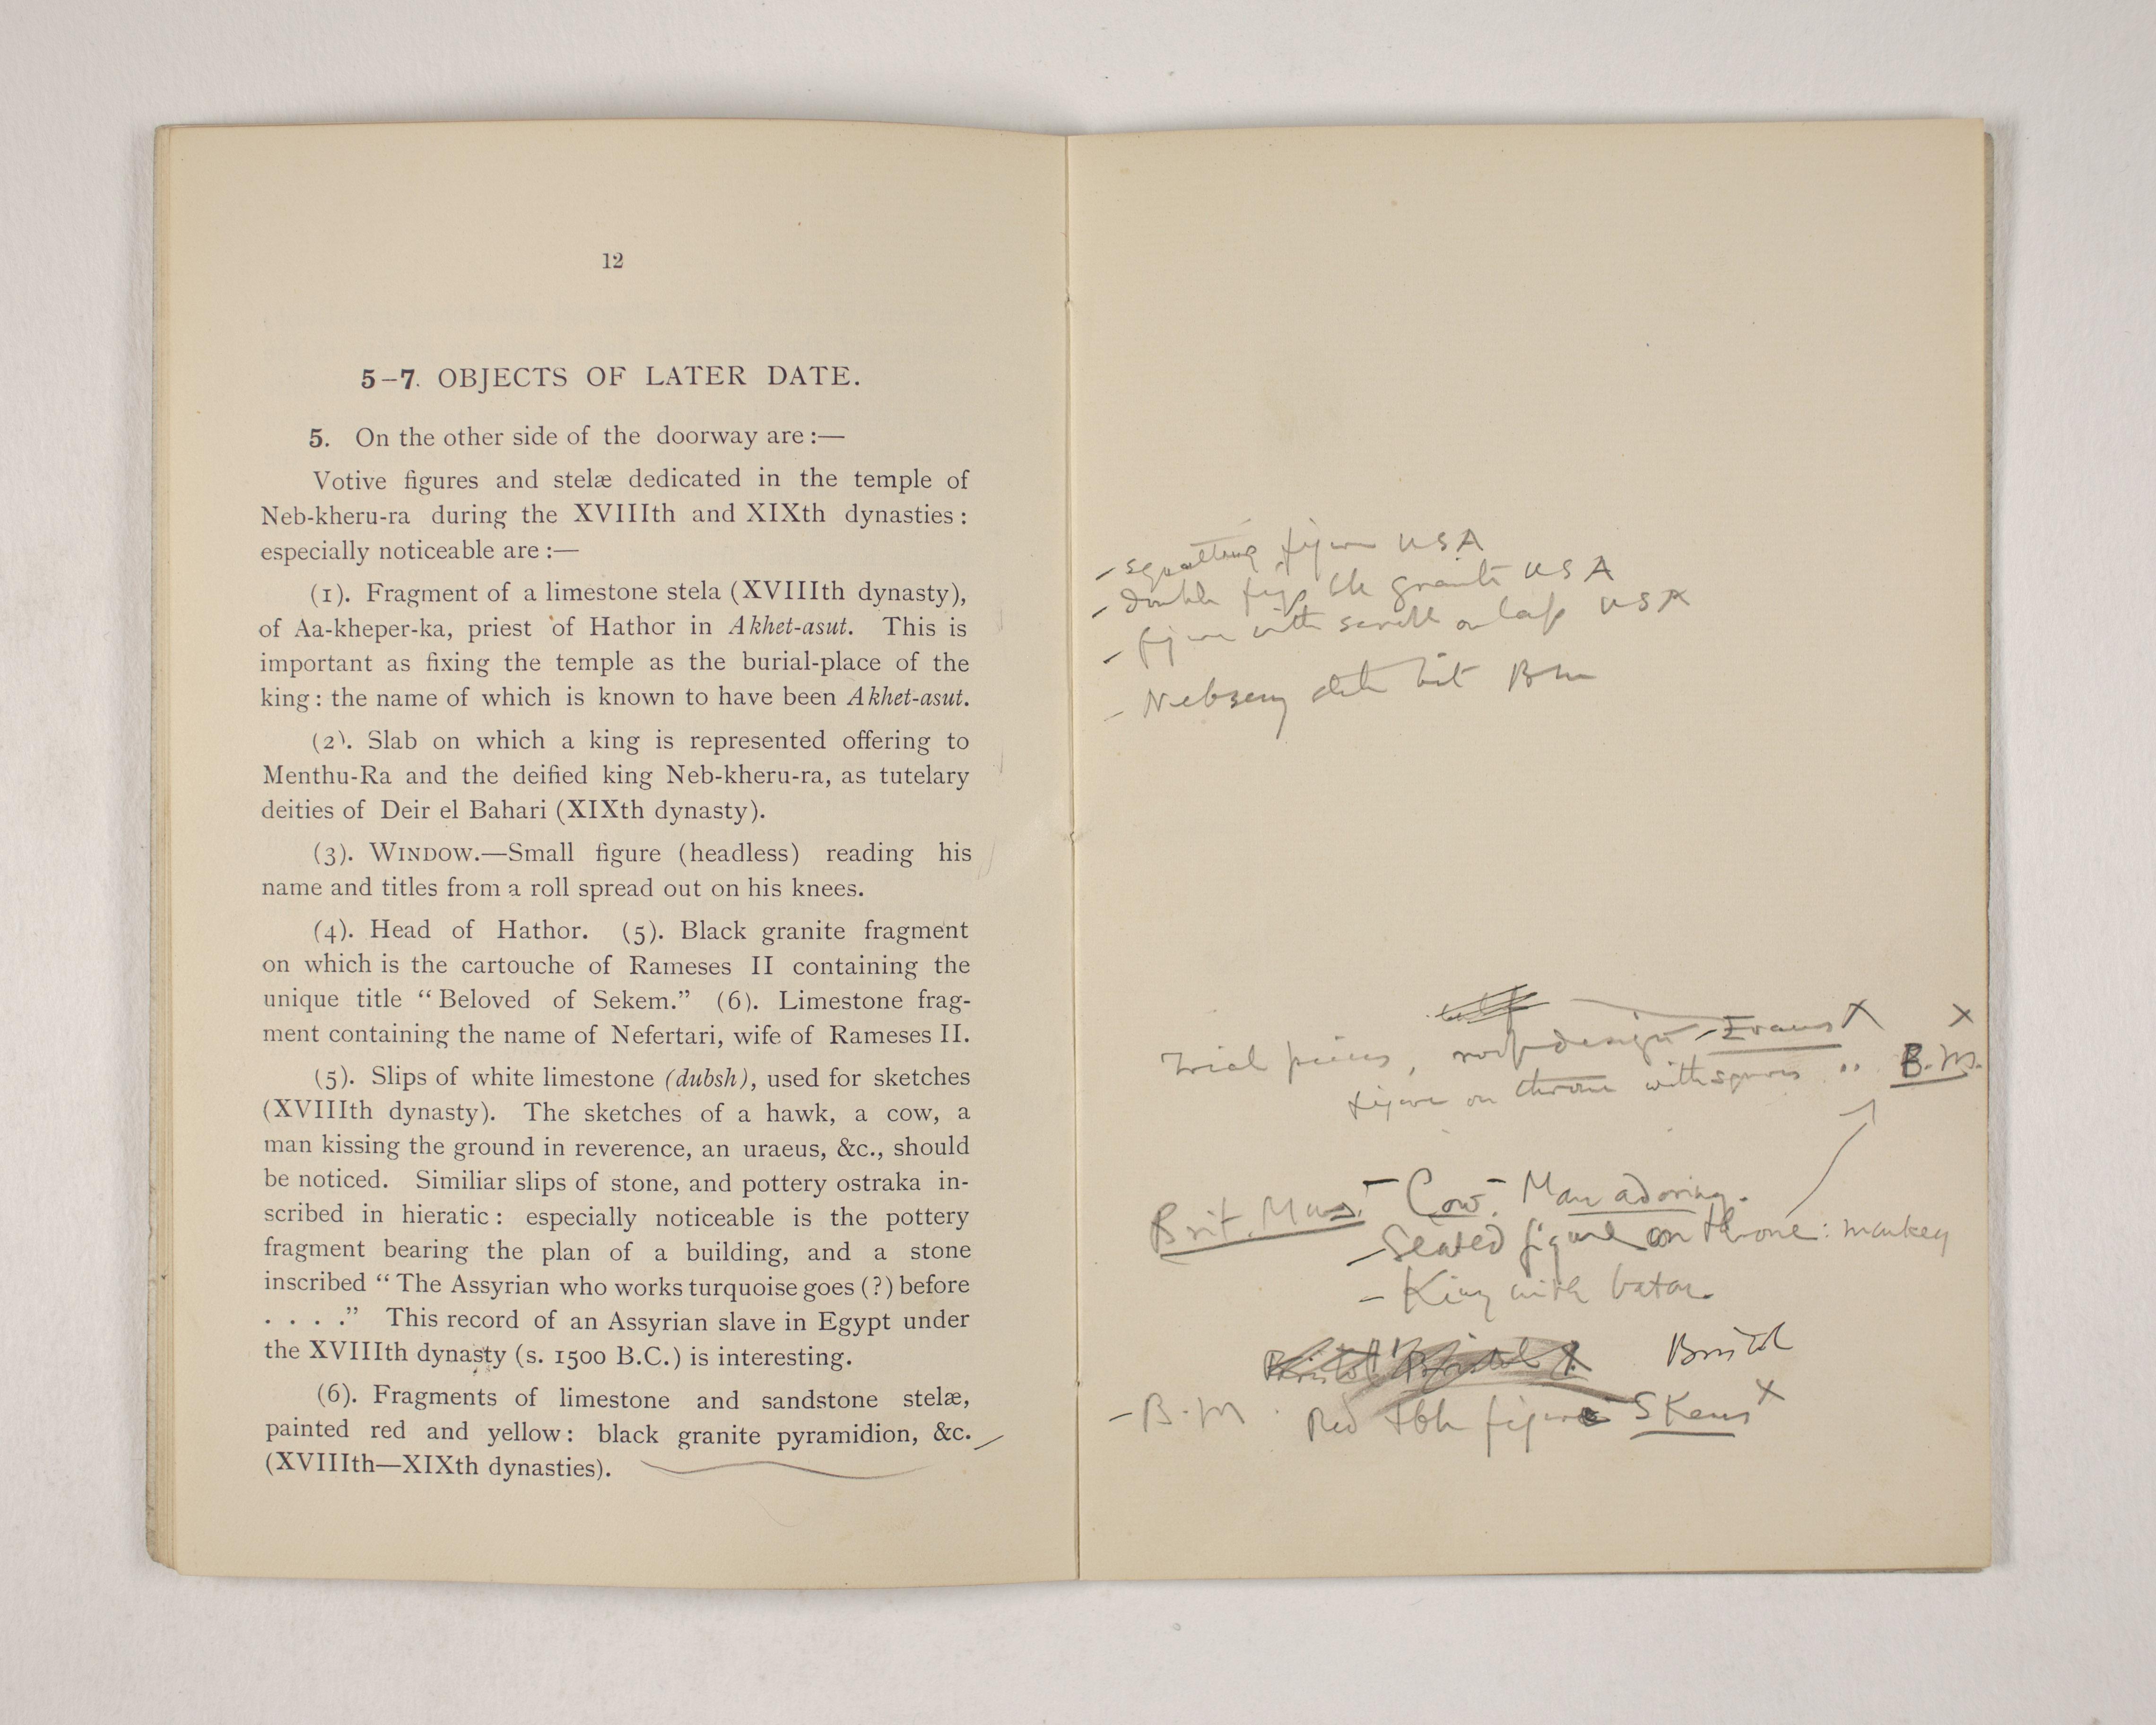 1903-04 Abydos, Ihnasya, Tell el-Fara'in, Saqqara, Gurob, Deir el-Bahri, Oxyrhynchus Exhibition Catalogue PMA/WFP1/D/12/12.14